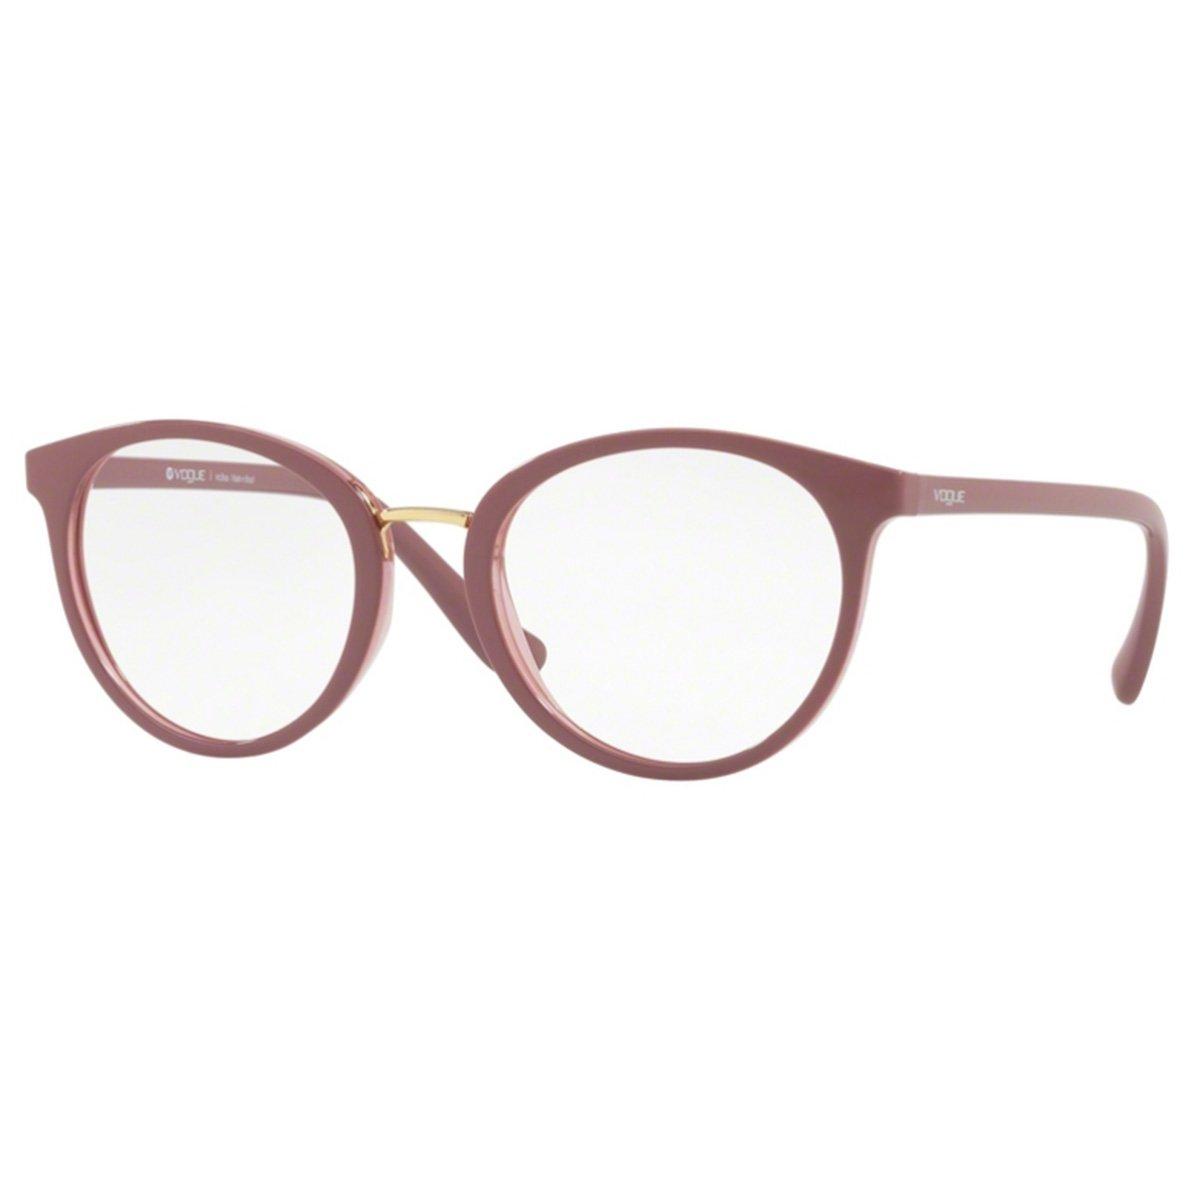 Compre Óculos de Grau Vogue em 10X   Tri-Jóia Shop 7189f42a8d